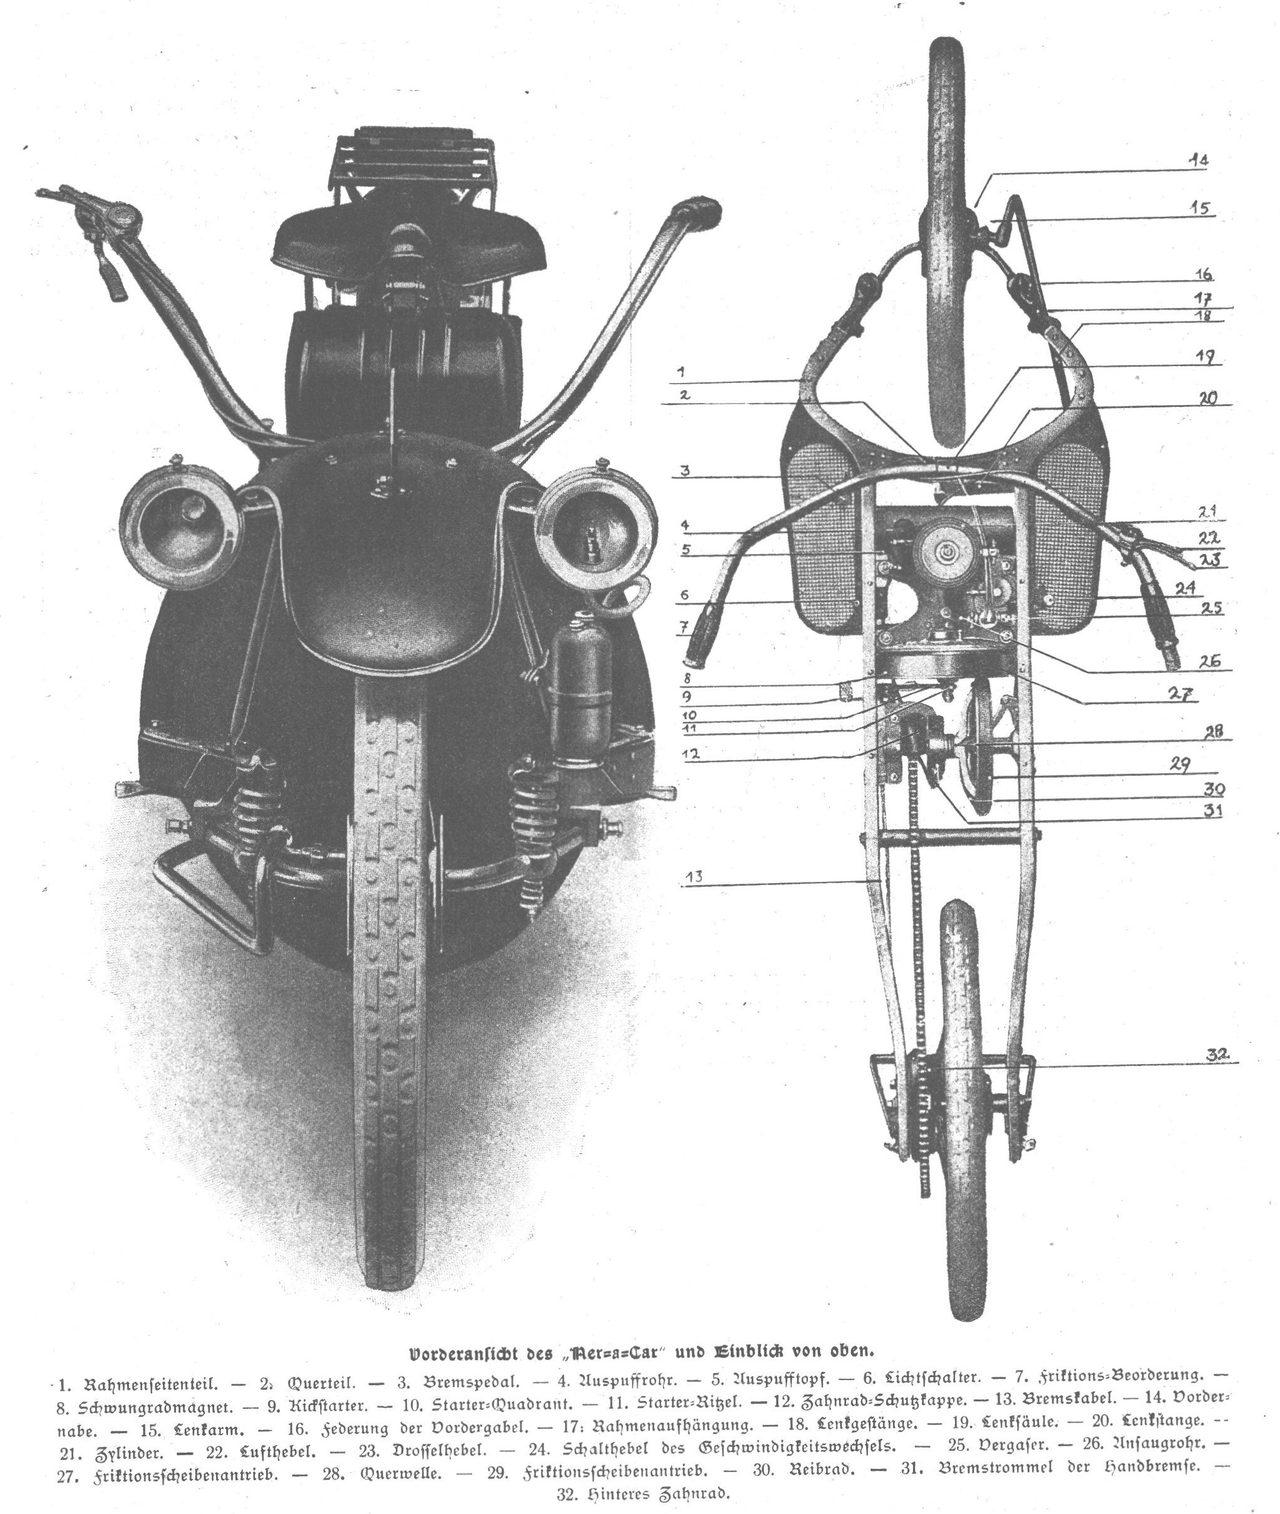 画像: ユニークなネラカーの構造図。フリクション・ドライブを採用していることがよくわかります。 www.oldtimertreffen.eptingen.ch